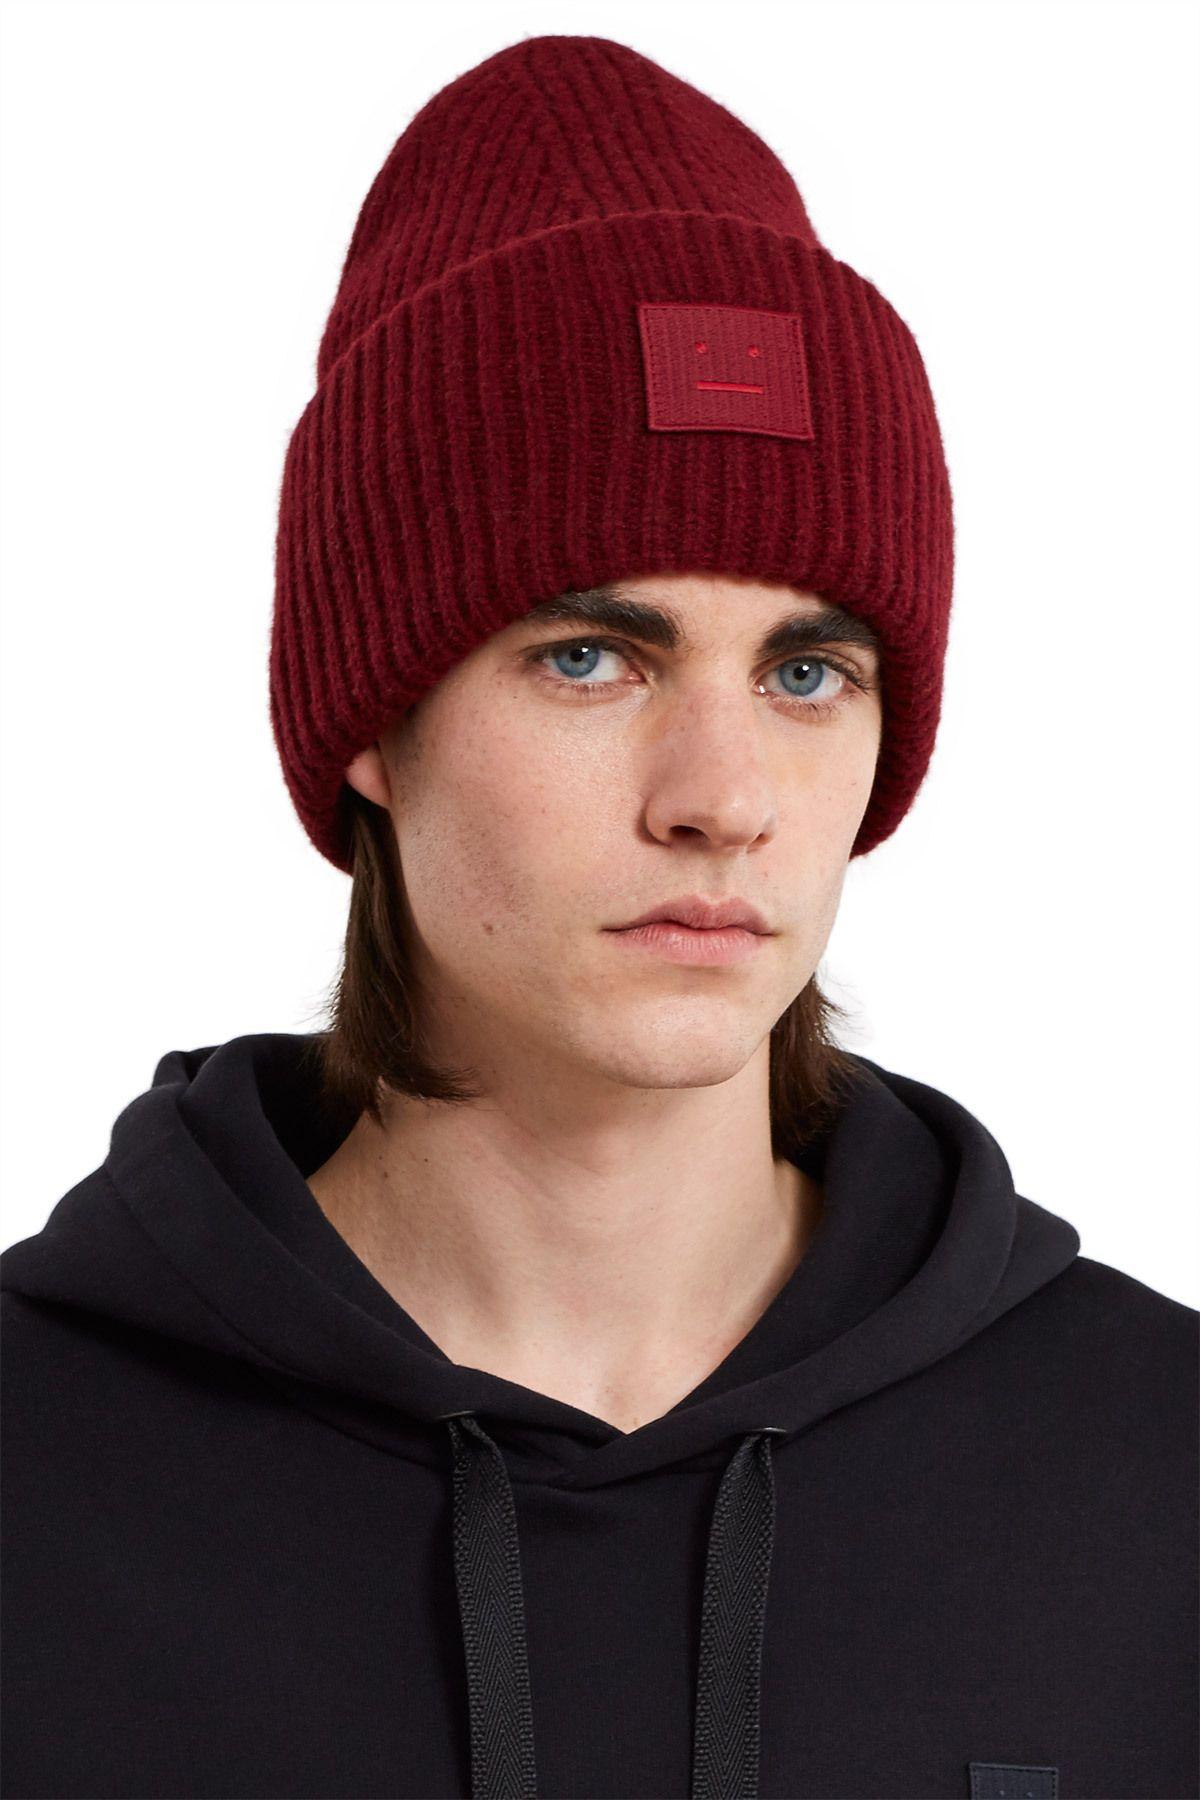 xu hướng thời trang - nón len - thương hiệu Acne Studios - elle man